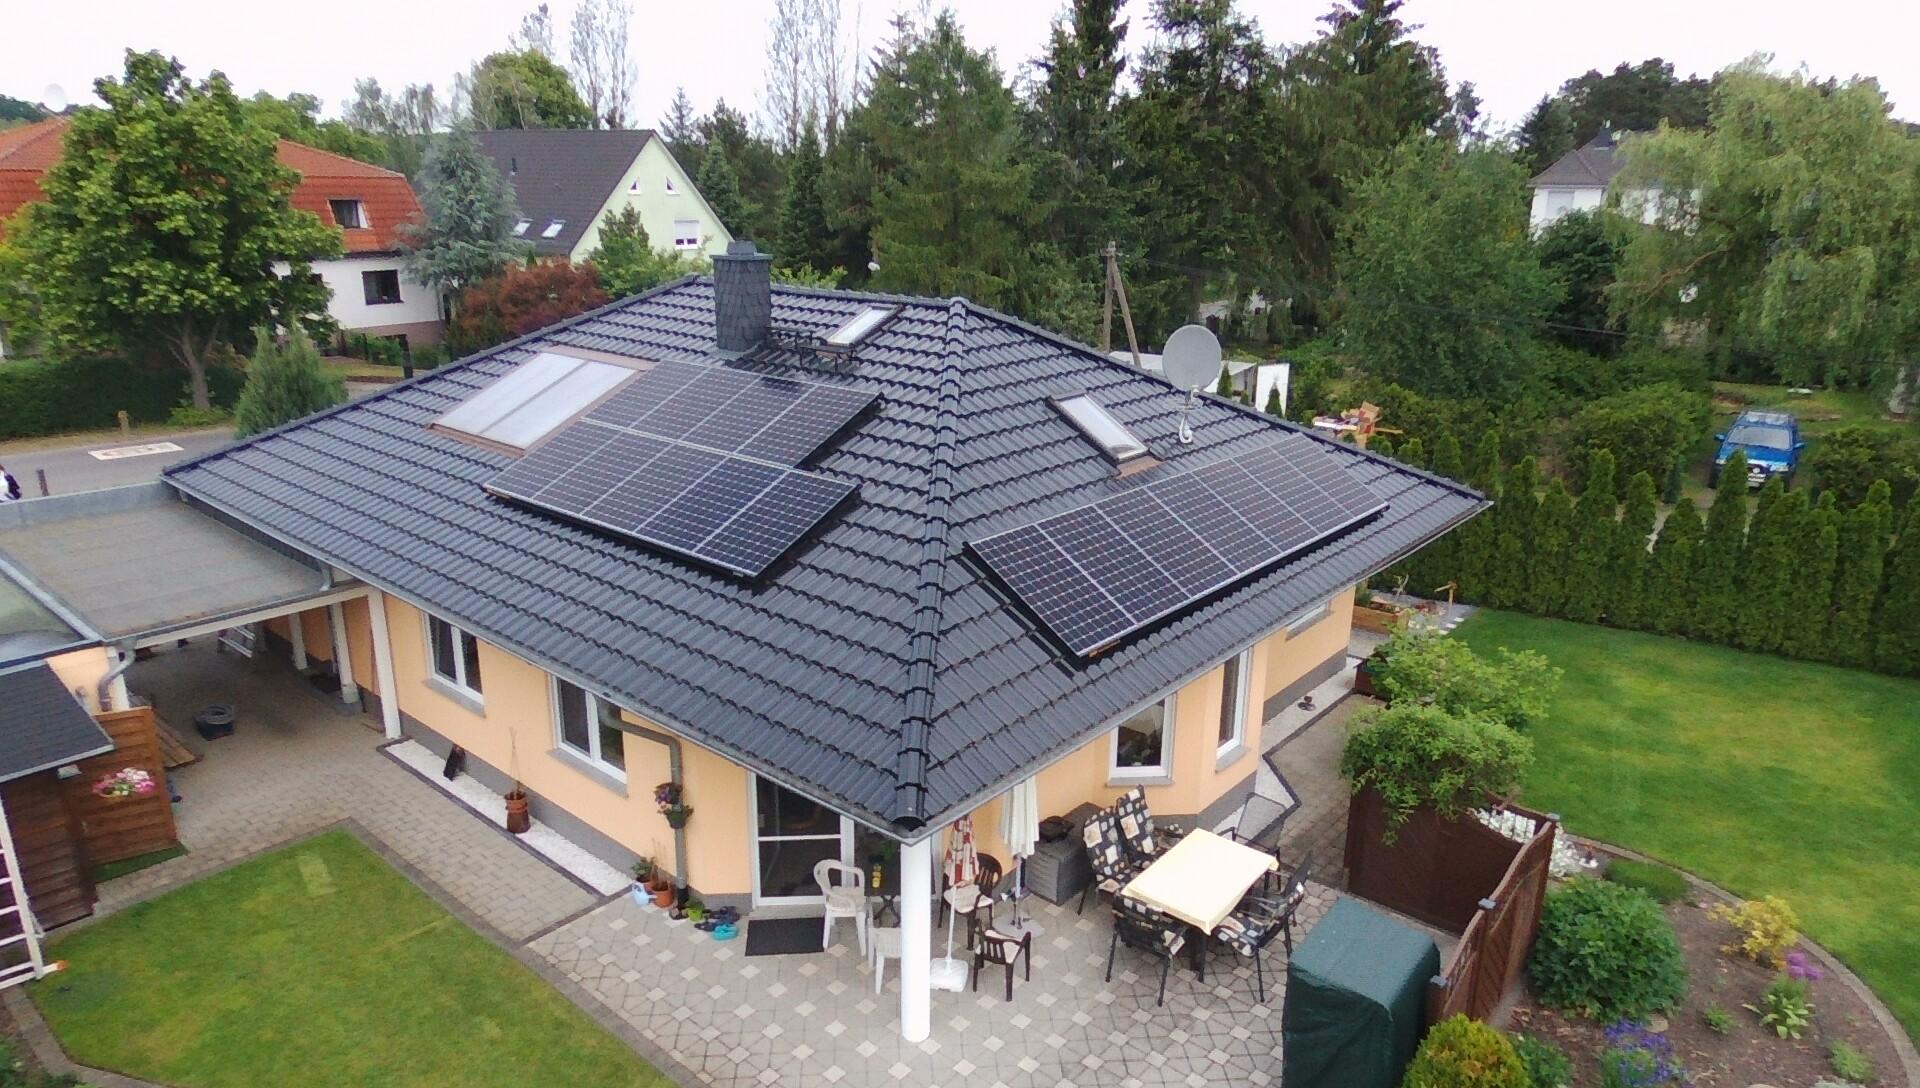 5,76 kWp Sunpower X22 360W Module Süd/Ost Süd/West, Solaredge Wechselrichter inkl. 5 kW Senec Speicher und Cloud 2.0 in Bestensee bei Berlin